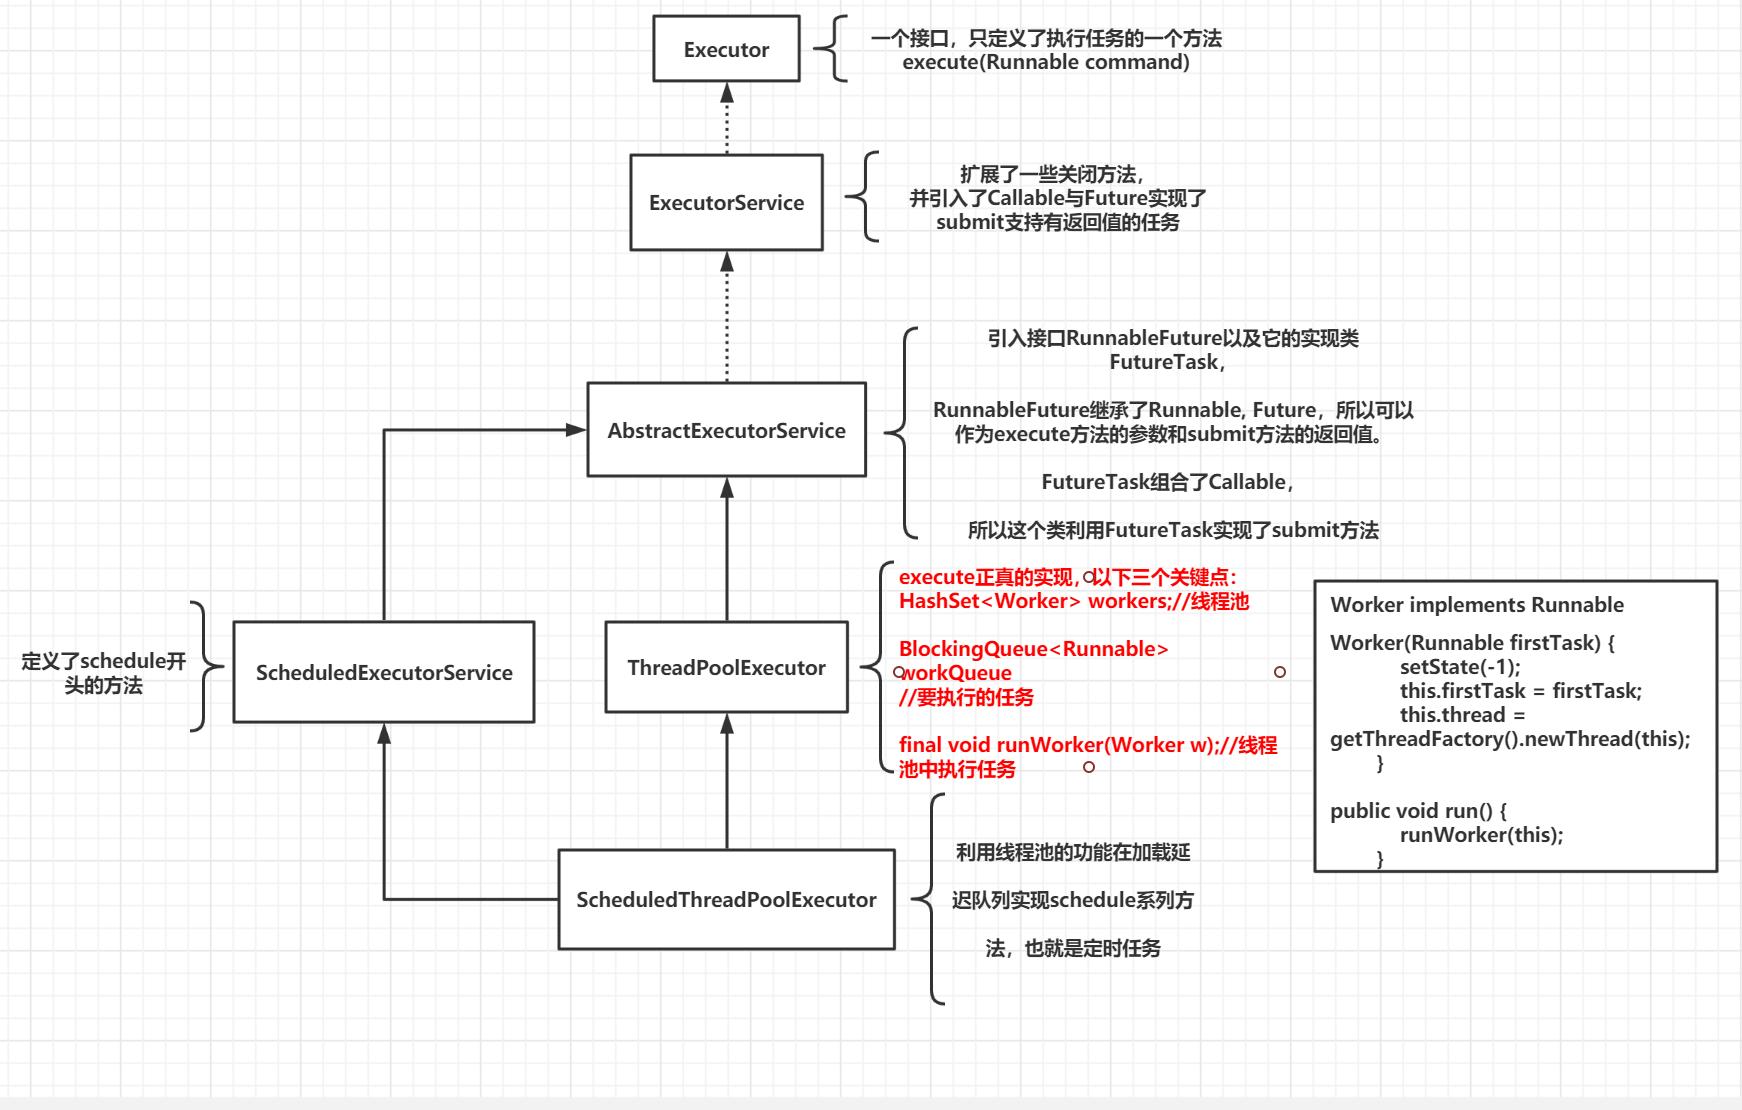 一文总结线程池框架结构体系